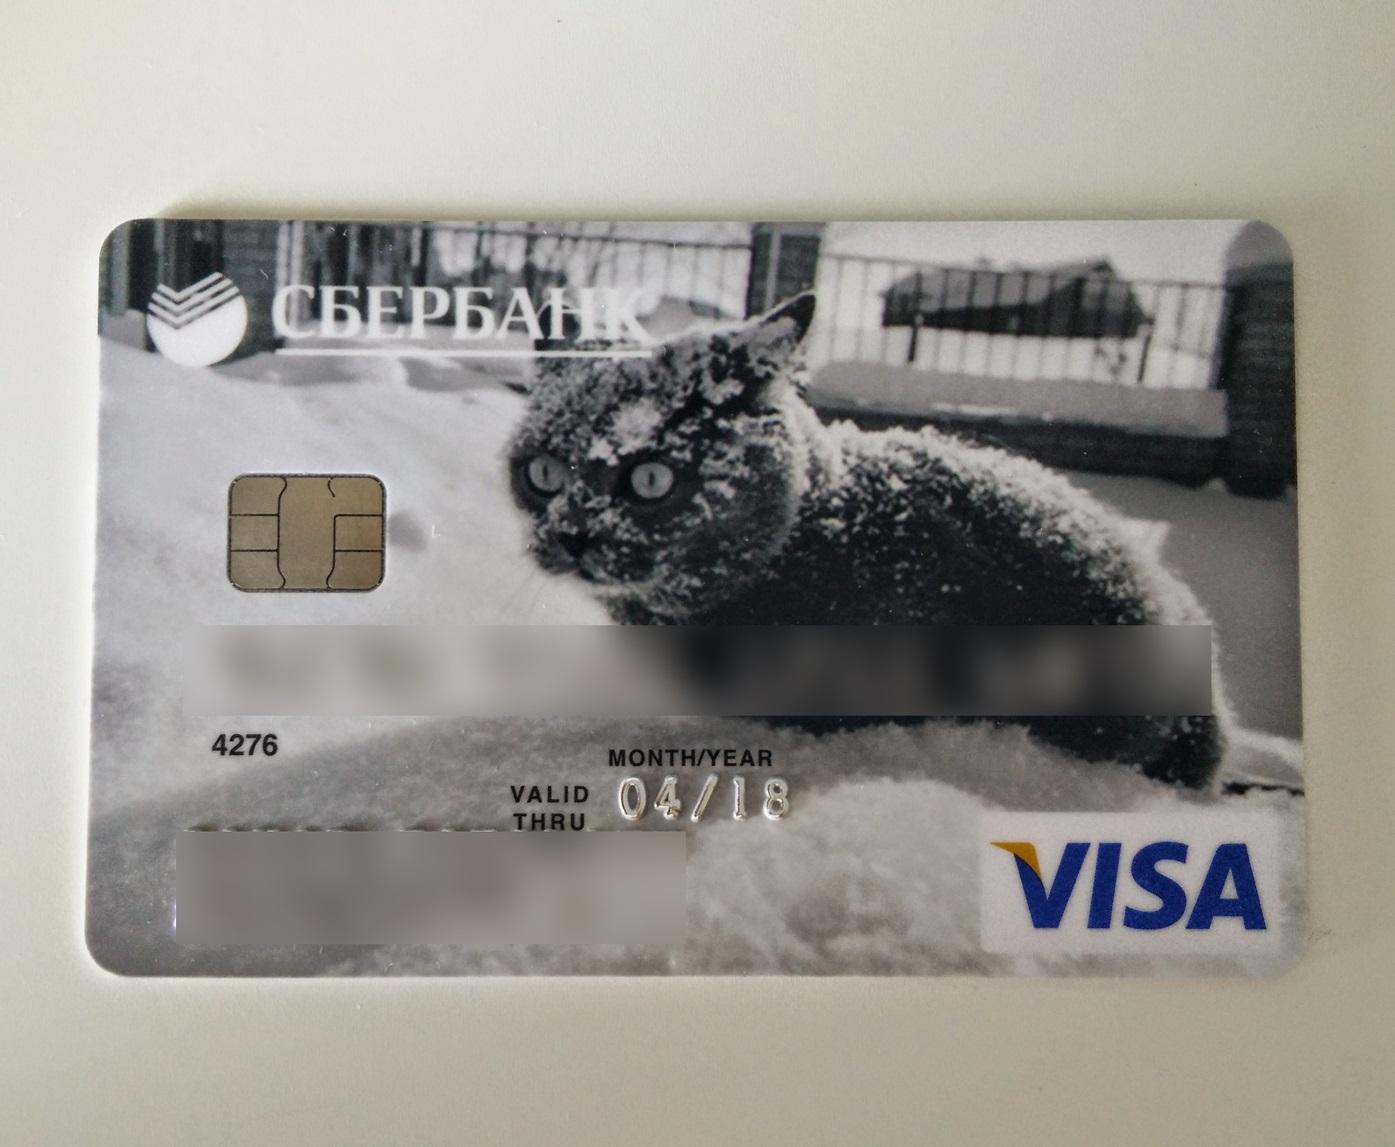 Надписями скучные, прикольная картинка на банковскую карту